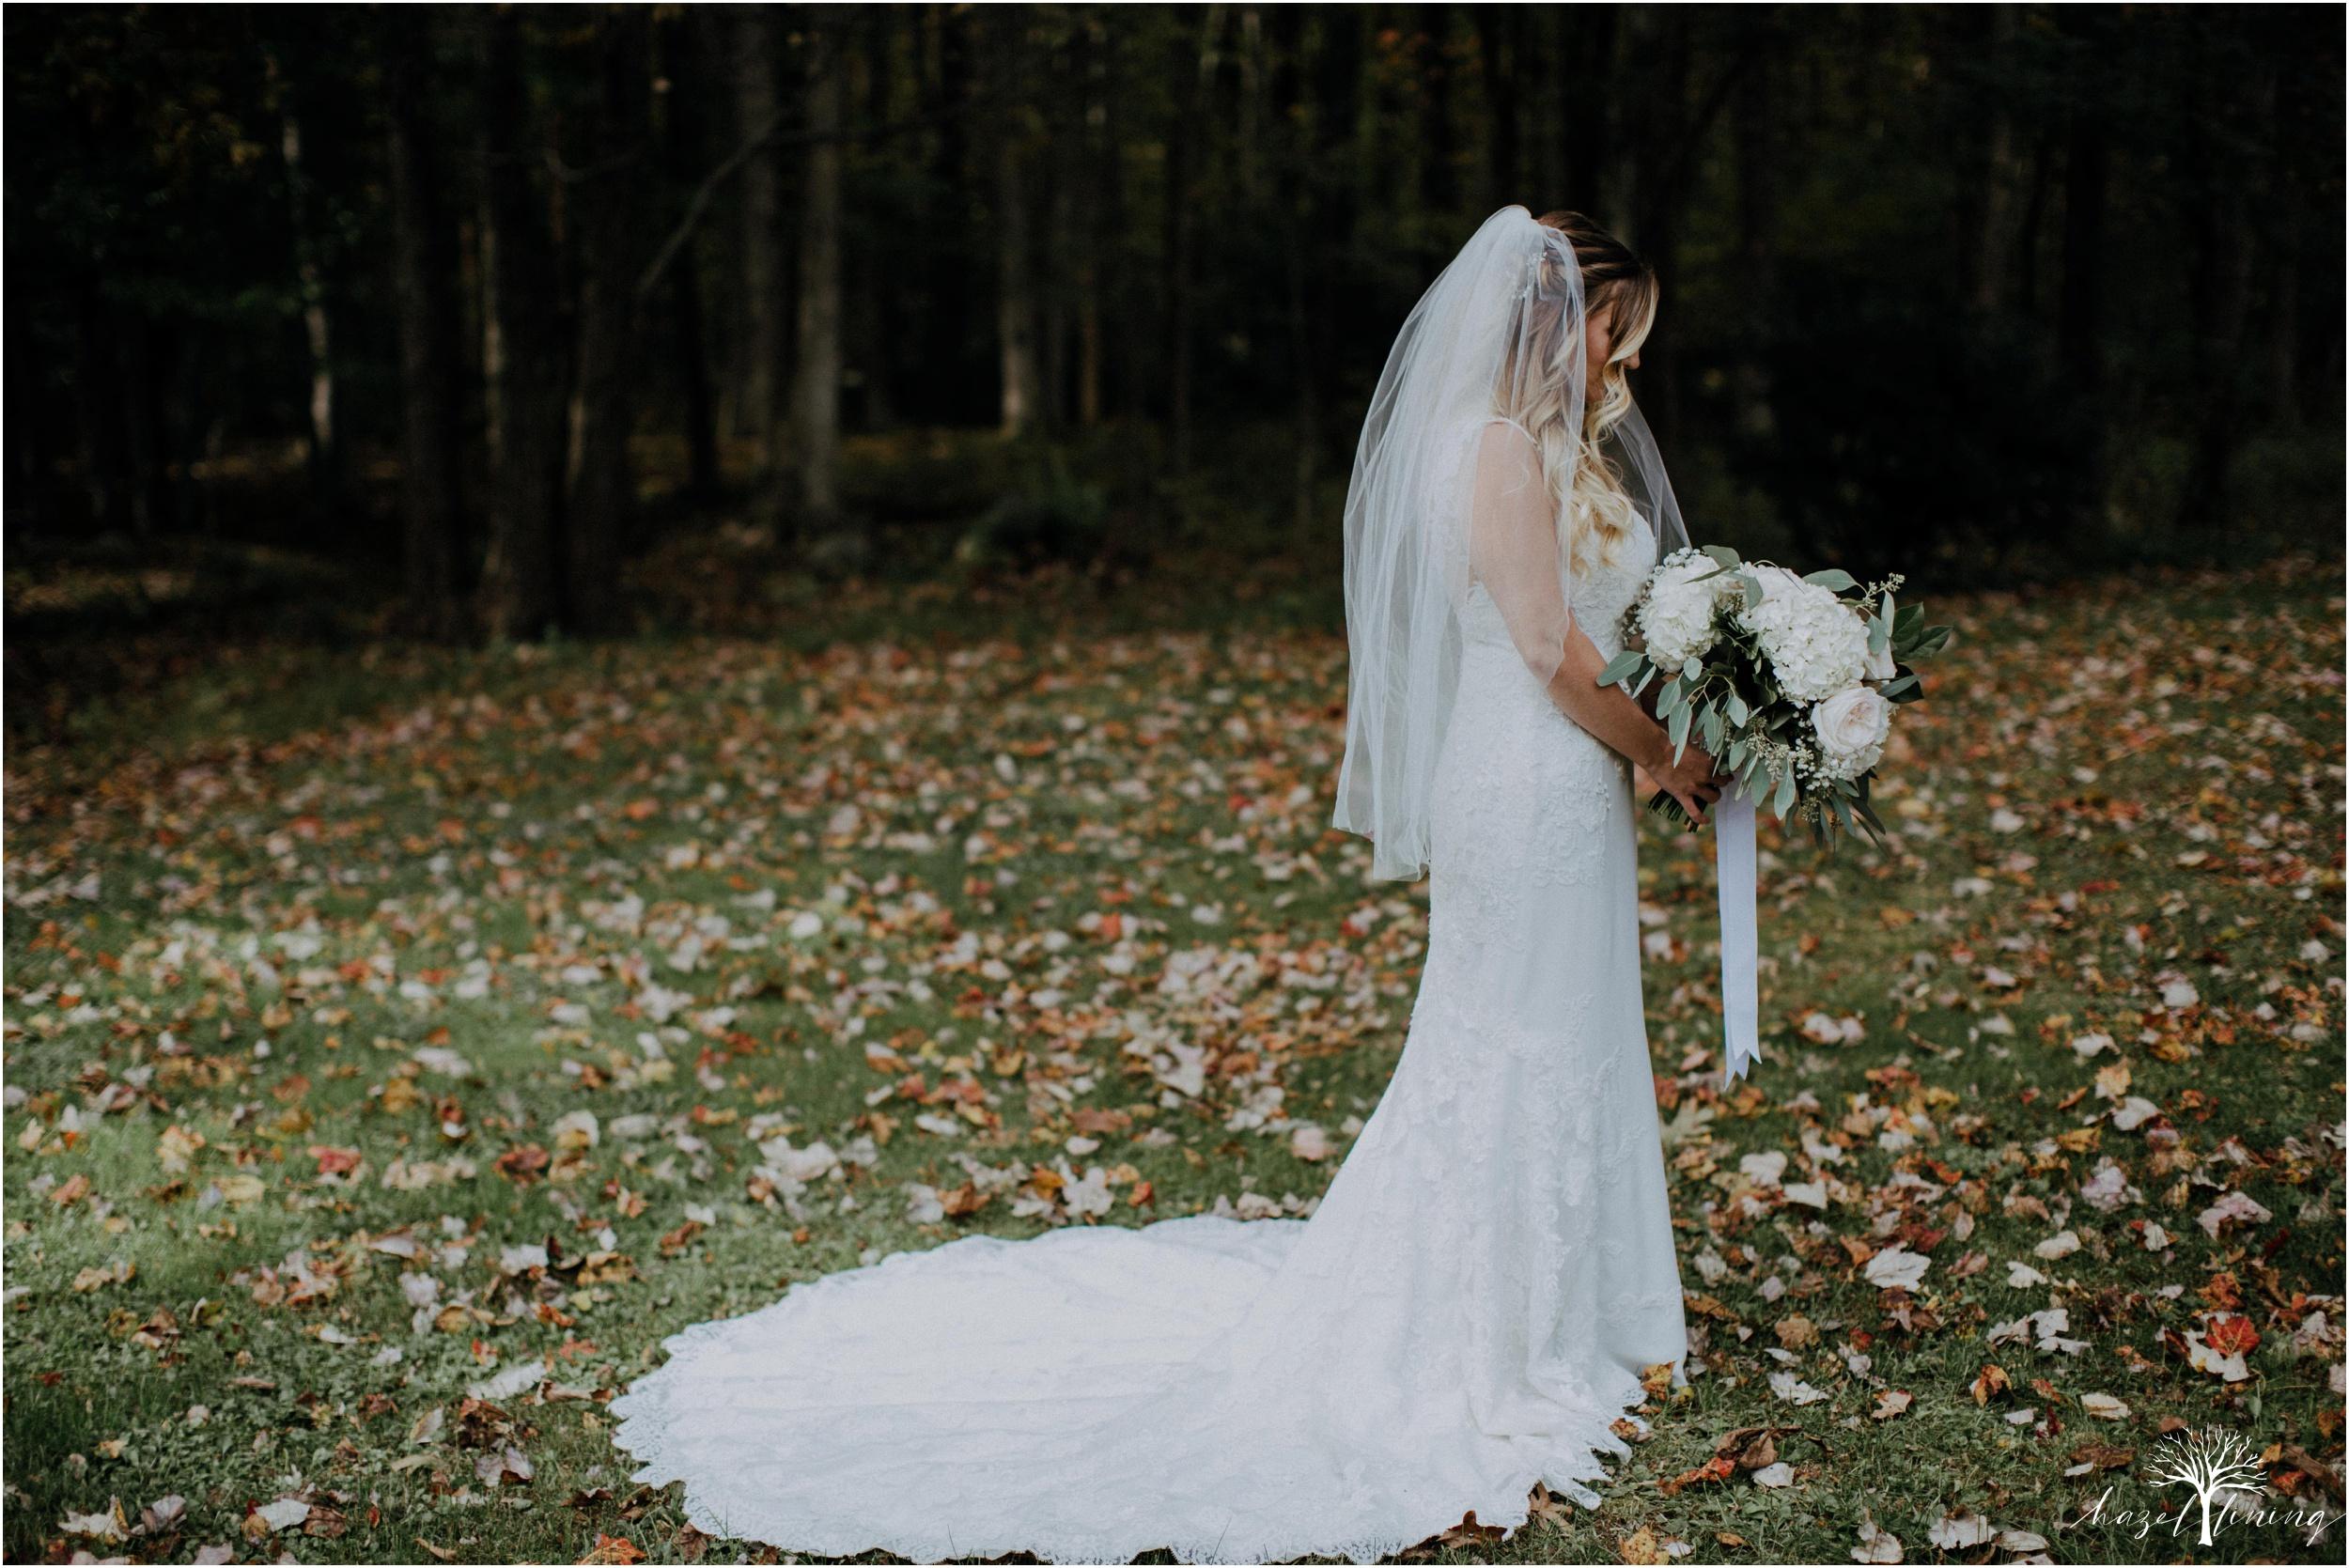 jessie-martin-zach-umlauf-olde-homestead-golfclub-outdoor-autumn-wedding_0024.jpg